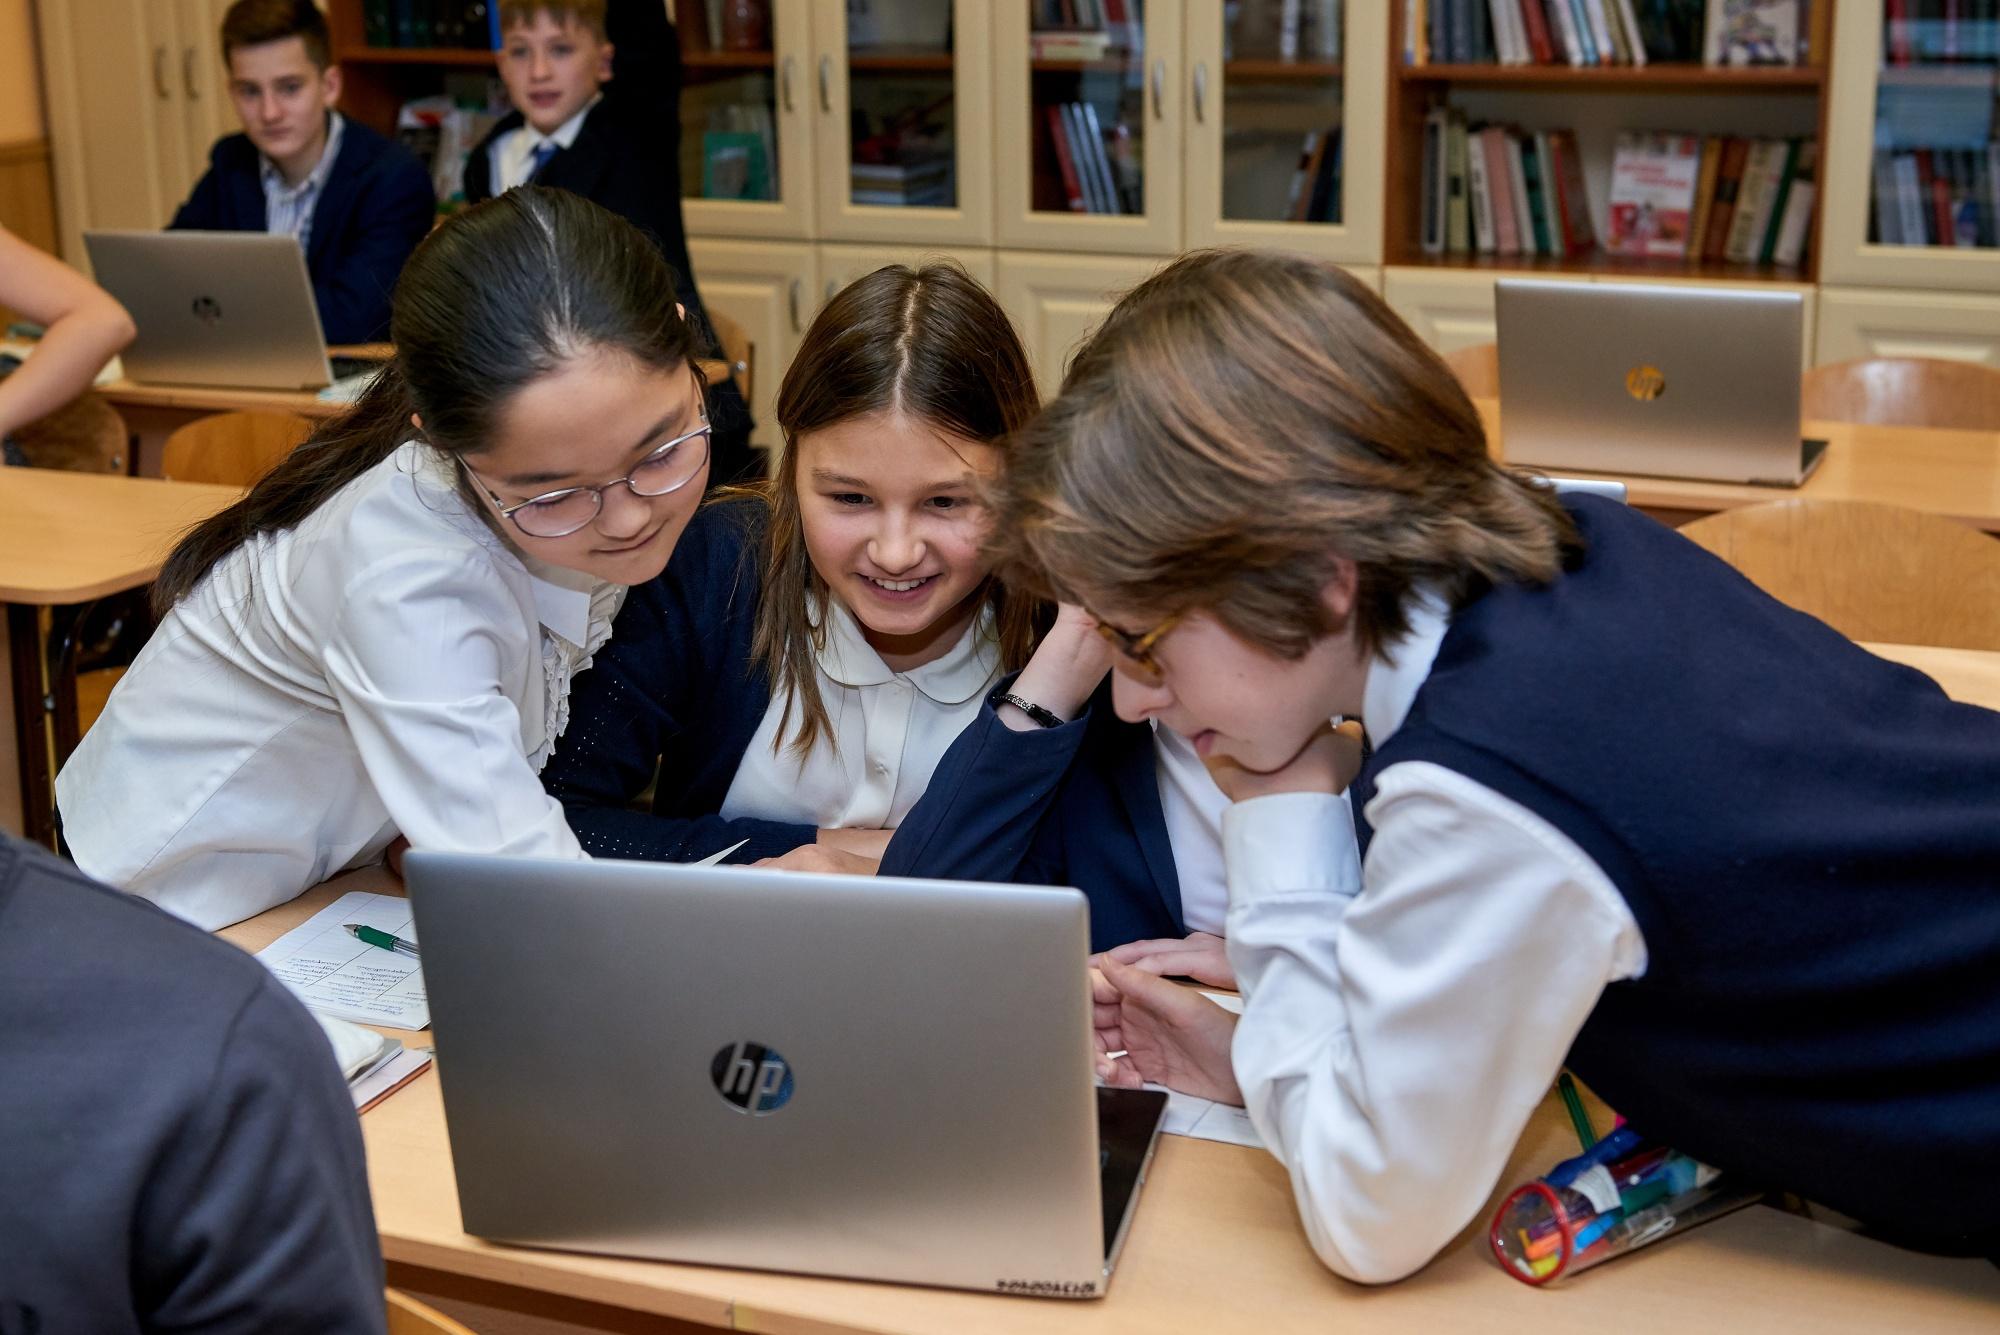 Глава Минпросвещения рассказал о преимуществах цифровой биографии школьников